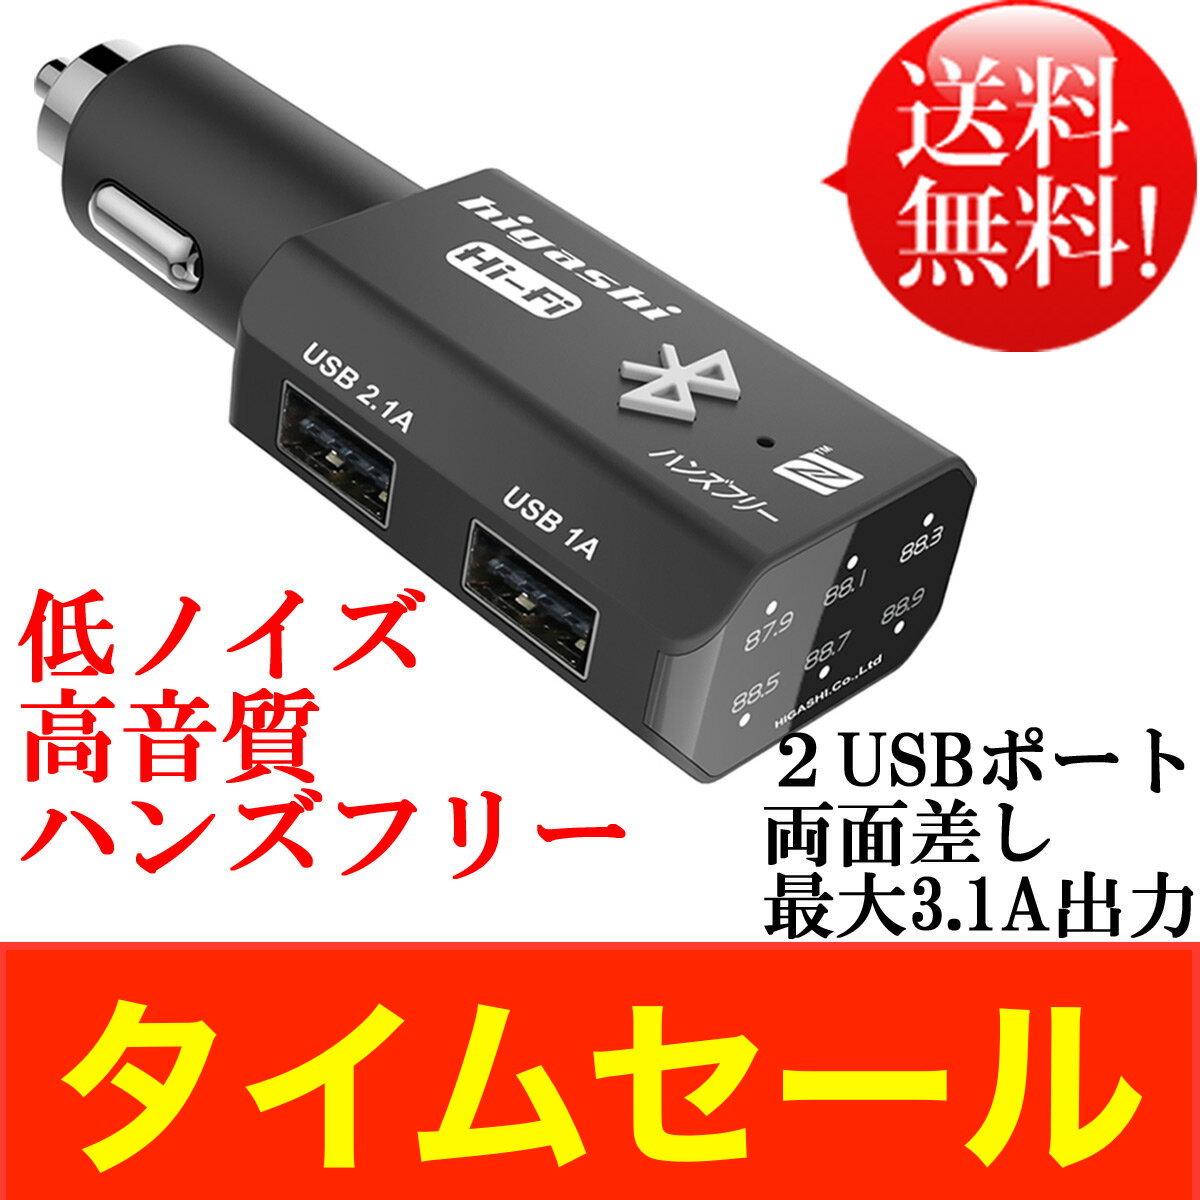 【決算セール】 FMトランスミッター Bluetooth 高音質 車載 ウォークマン iPod iphone7 iphone8 ブルートゥース 低ノイズ 12V 24V ハンズフリー トランスミッター